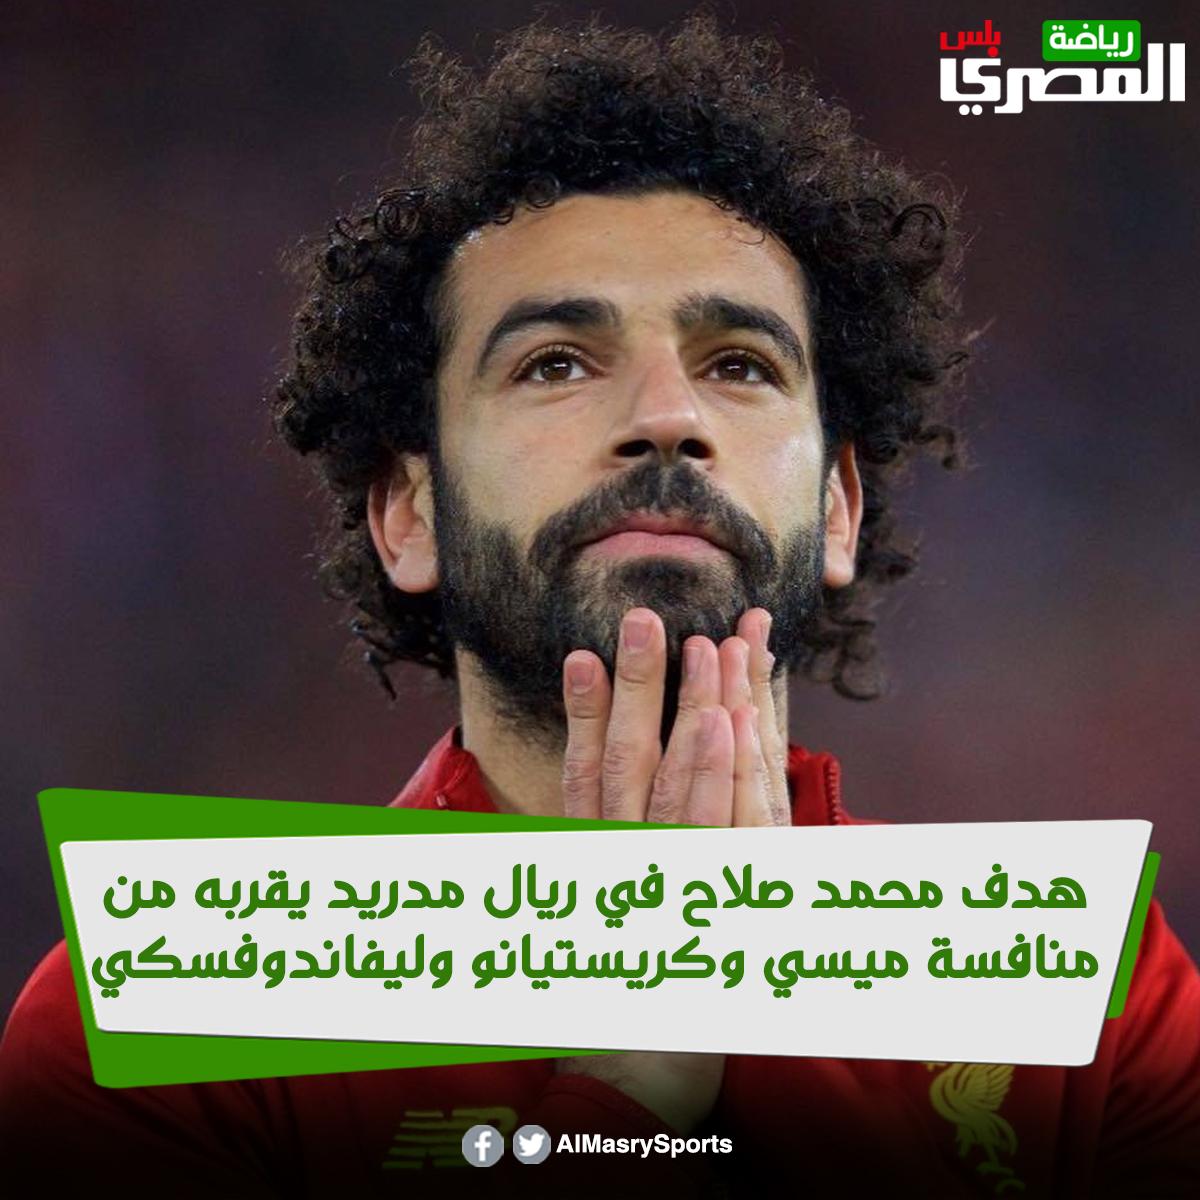 هدف محمد صلاح في ريال مدريد يقربه من منافسة ميسي و كريستيانو و ليفاندوفسكي